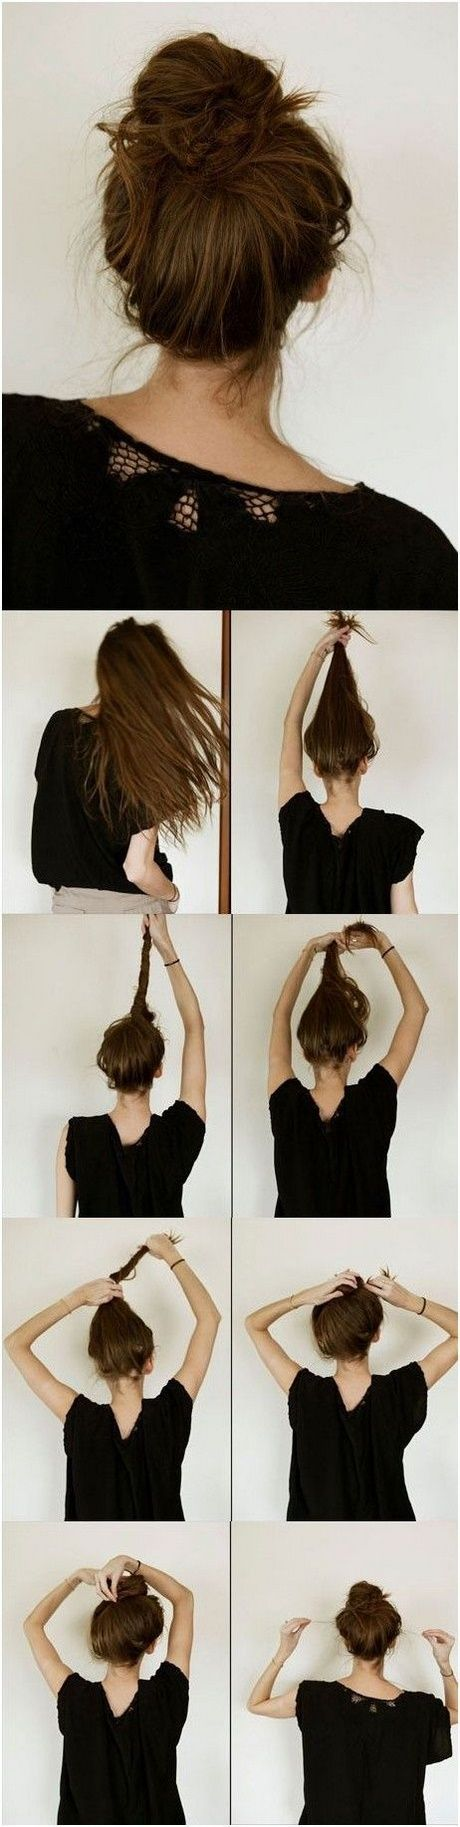 10 Einfache Frisuren Für Jeden Tag Einfache Frisuren Neue